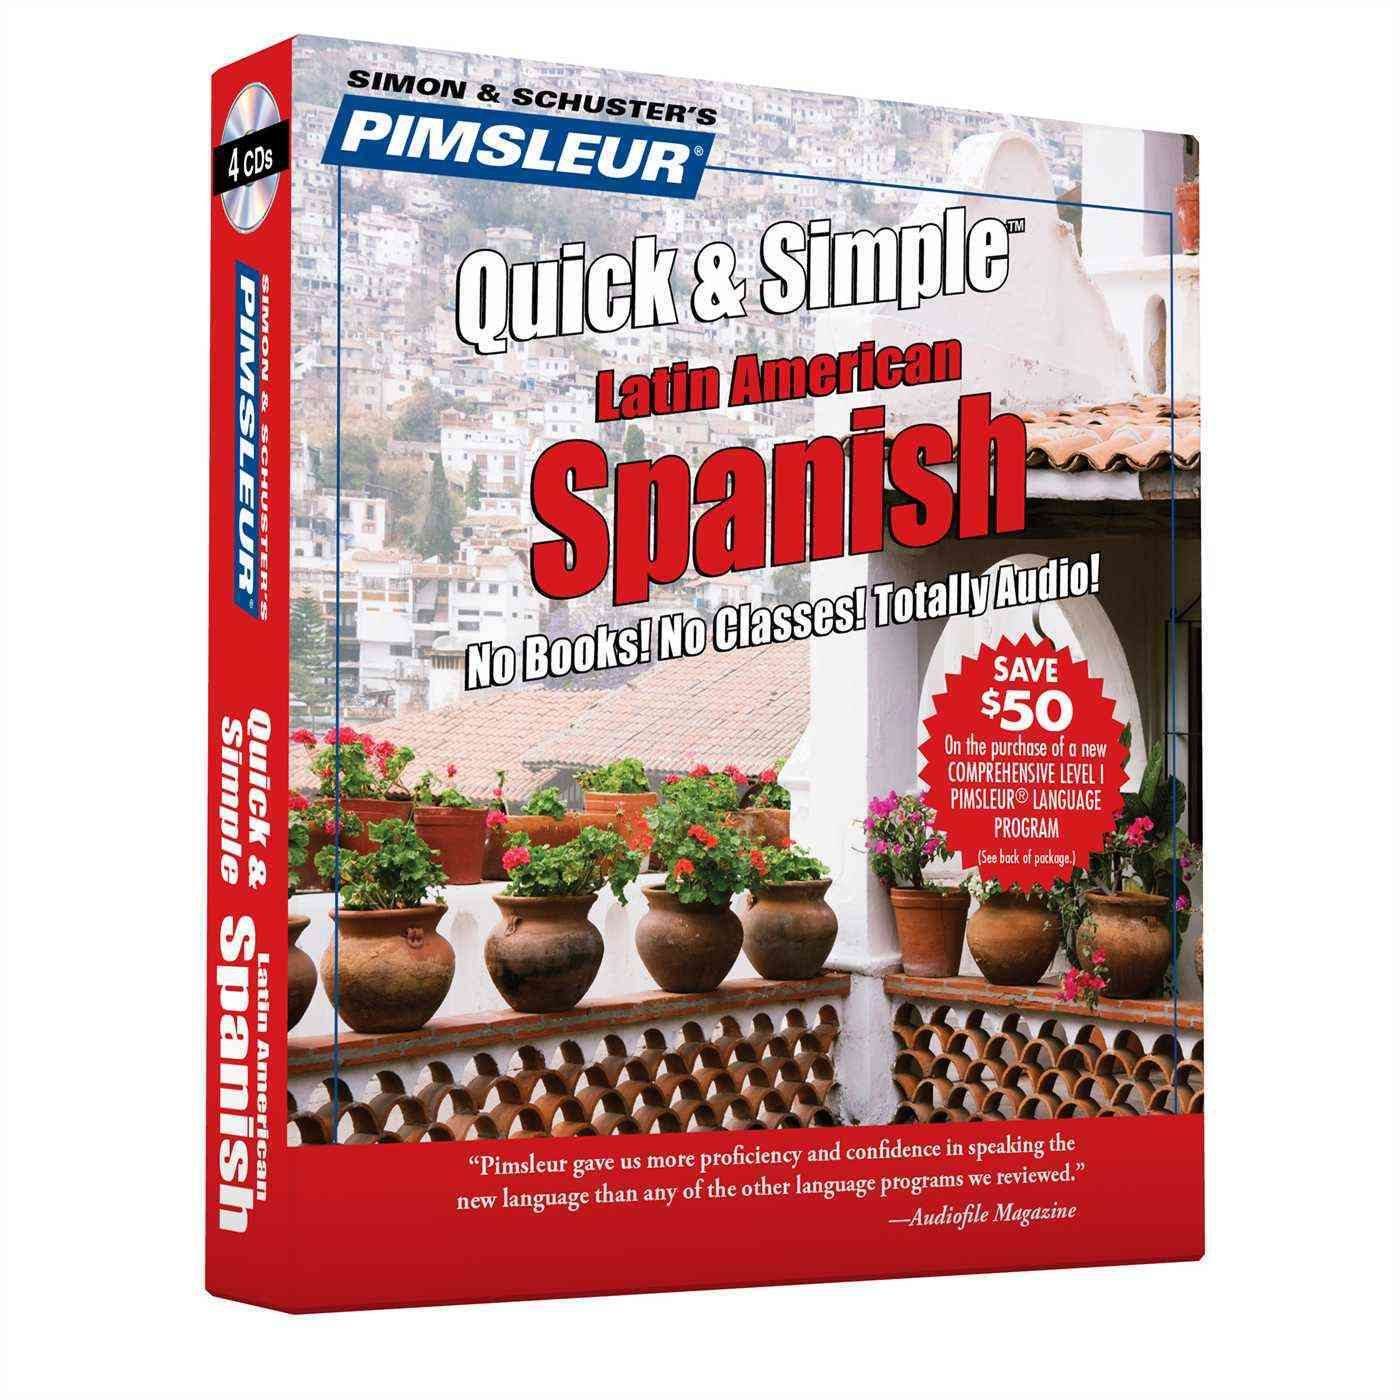 Pimsleur Quick & Simple Spanish 1: Latin American Spanish (CD-Audio)